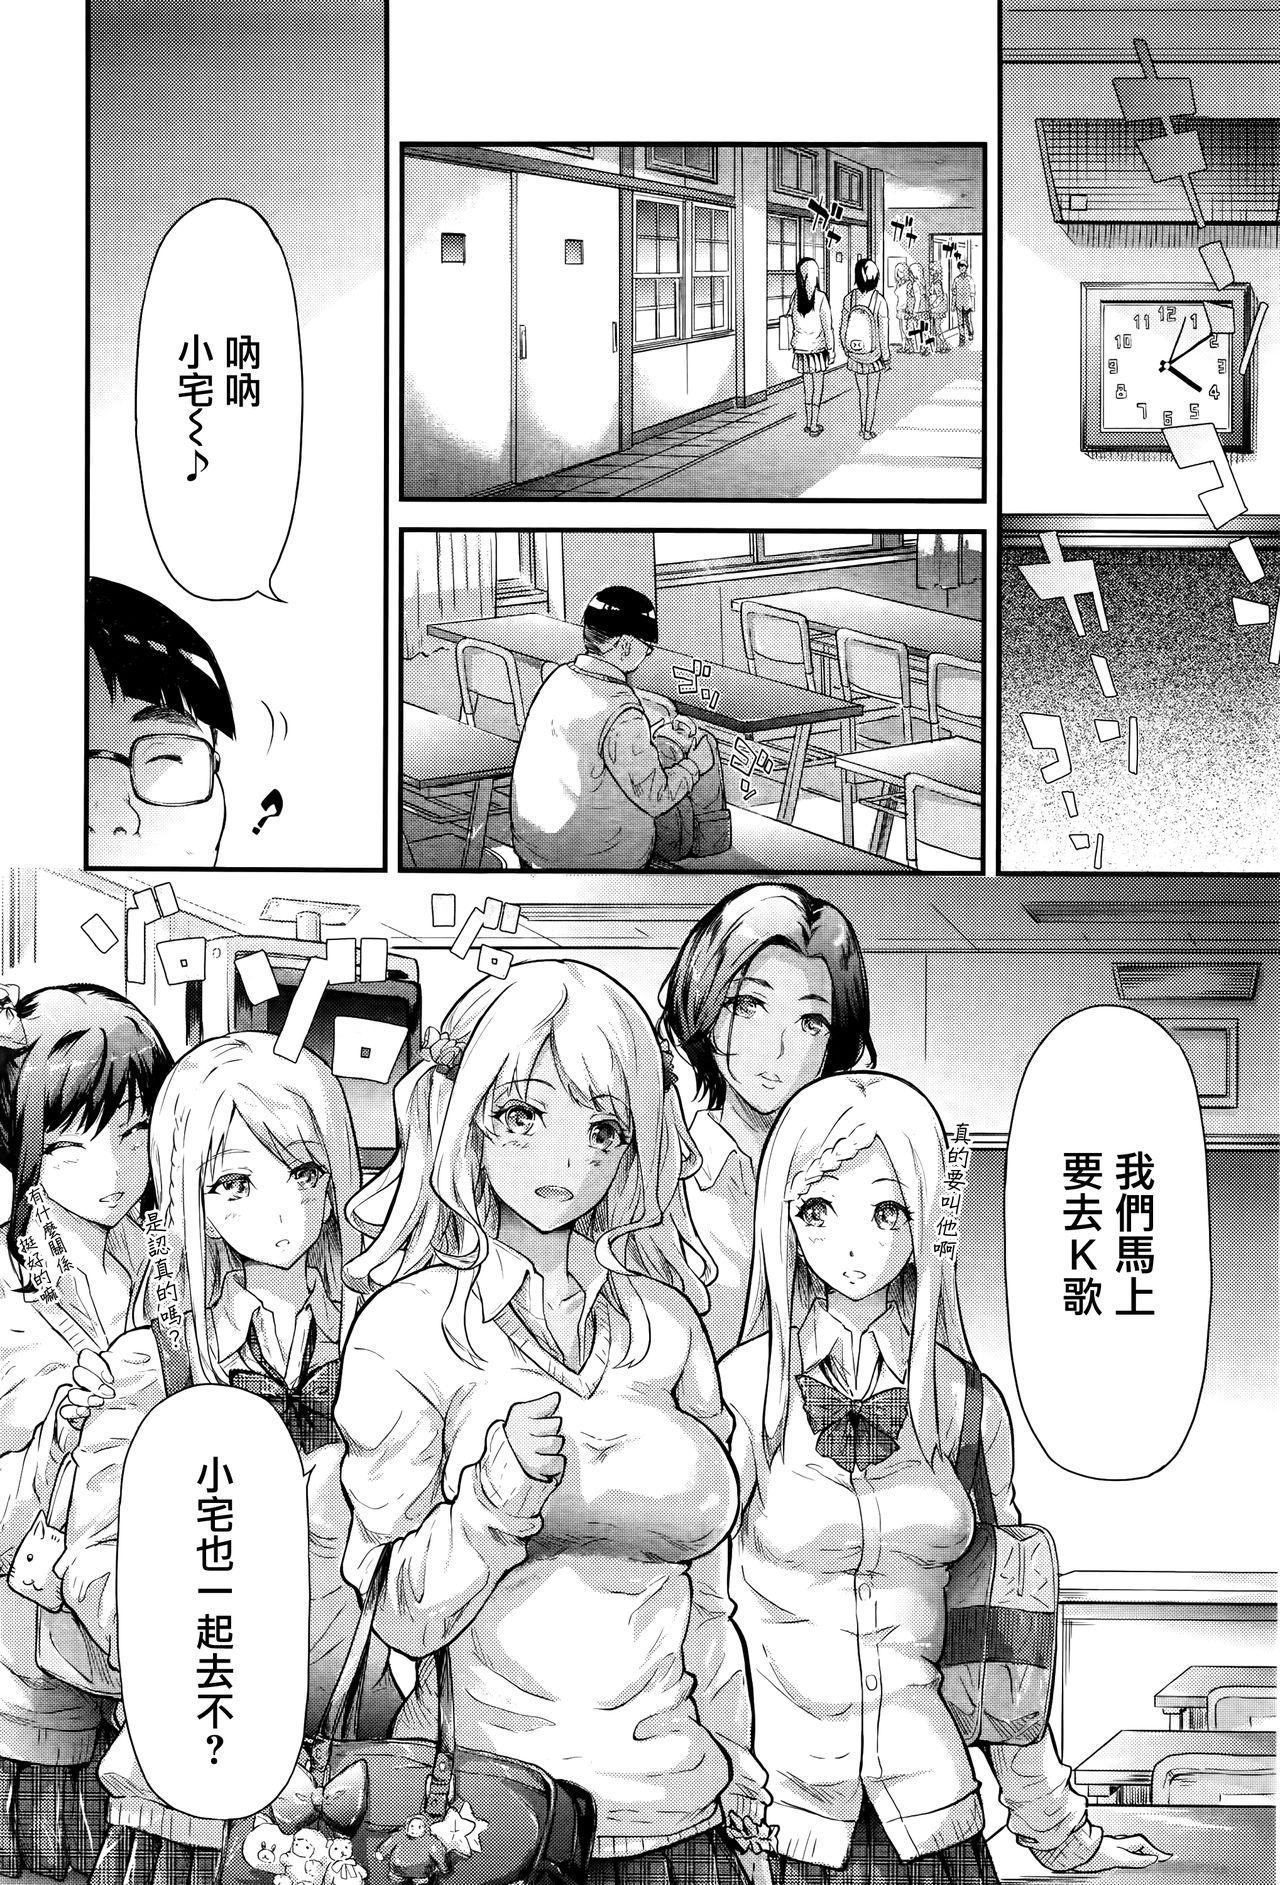 Gyaru to Tomodachi Hajimemashita - Become Friends with Gal 7